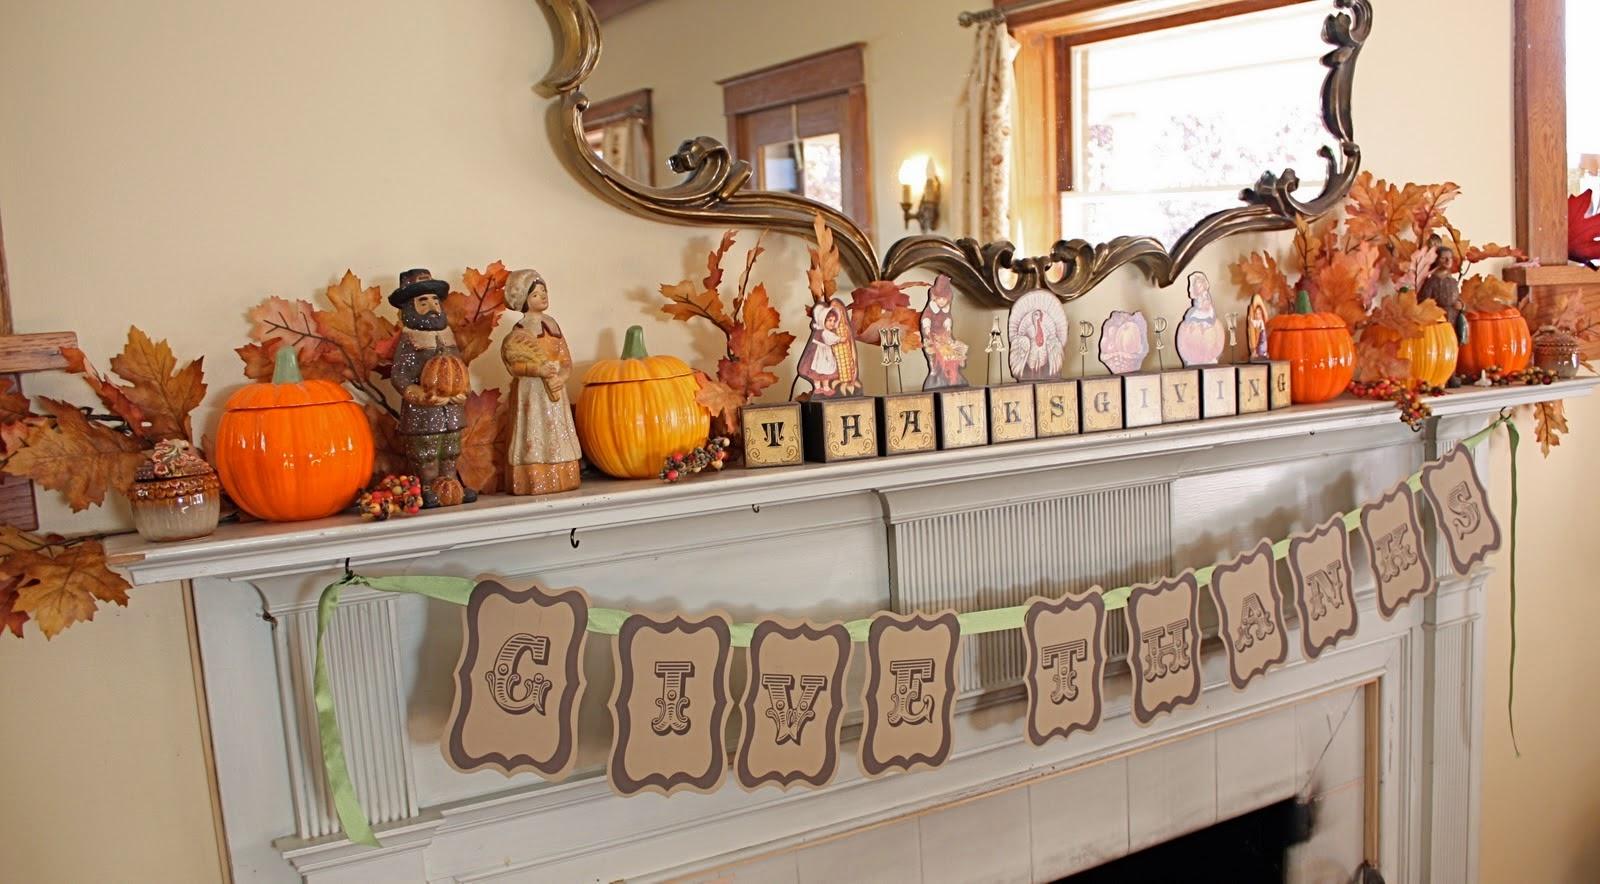 Amy s daily dose thanksgiving mantel decor ideas